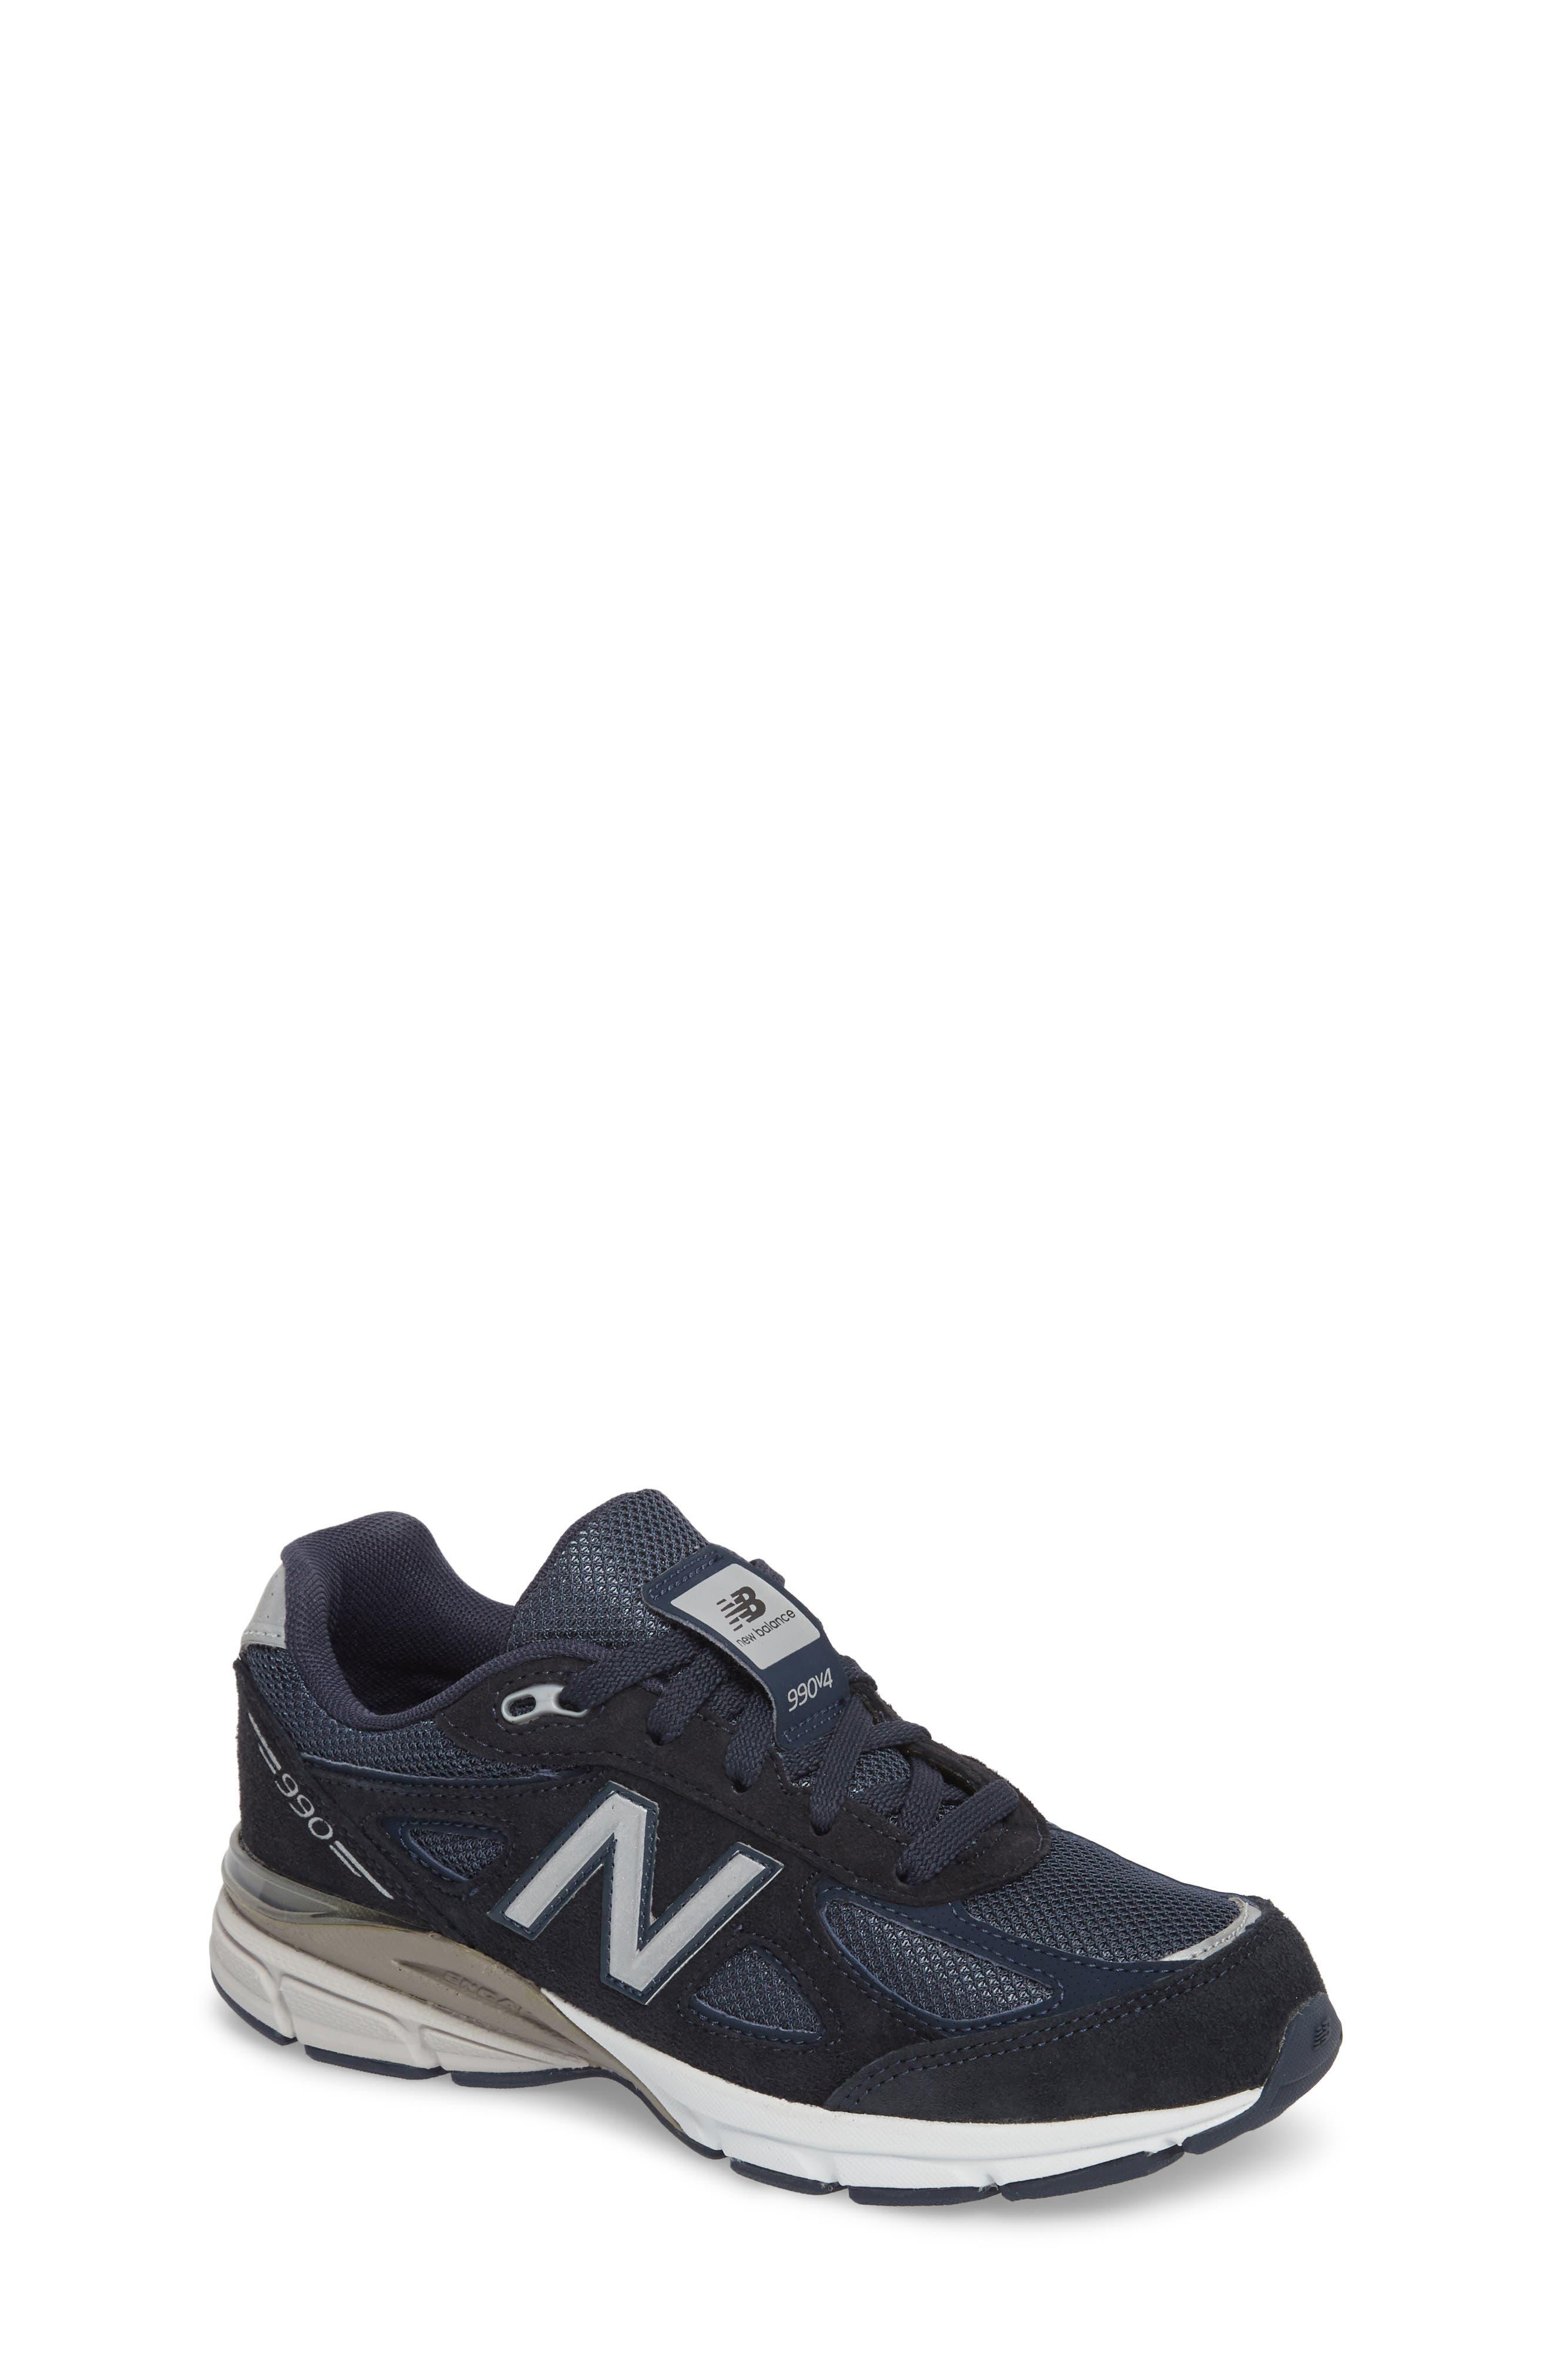 990v4 Sneaker,                         Main,                         color,